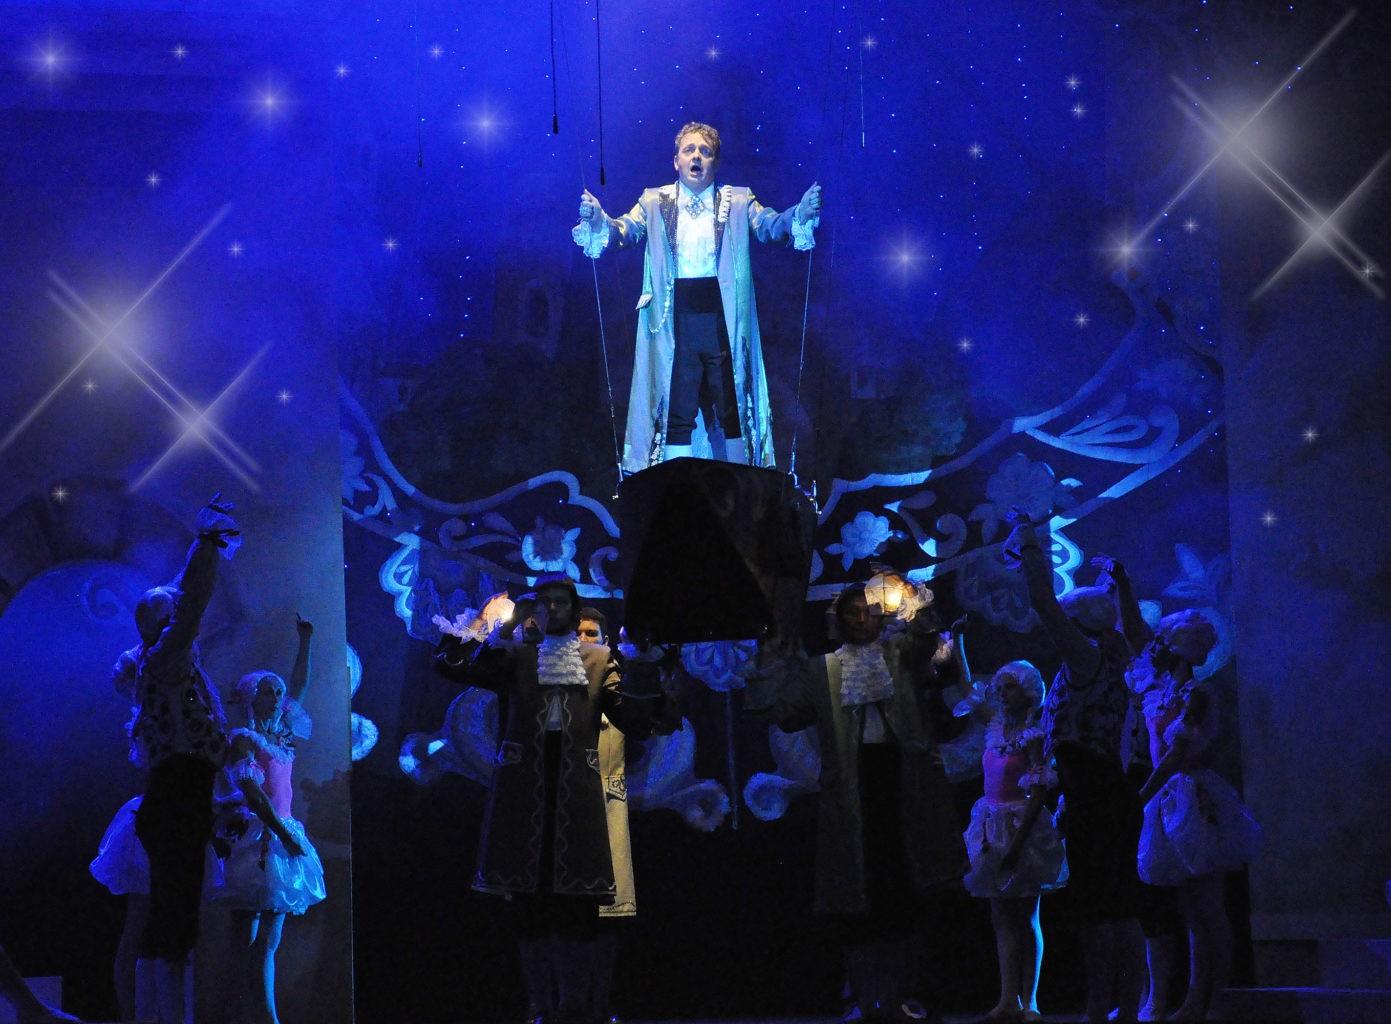 К. Голубятников (спектакль «Севильский цирюльник»): фотография